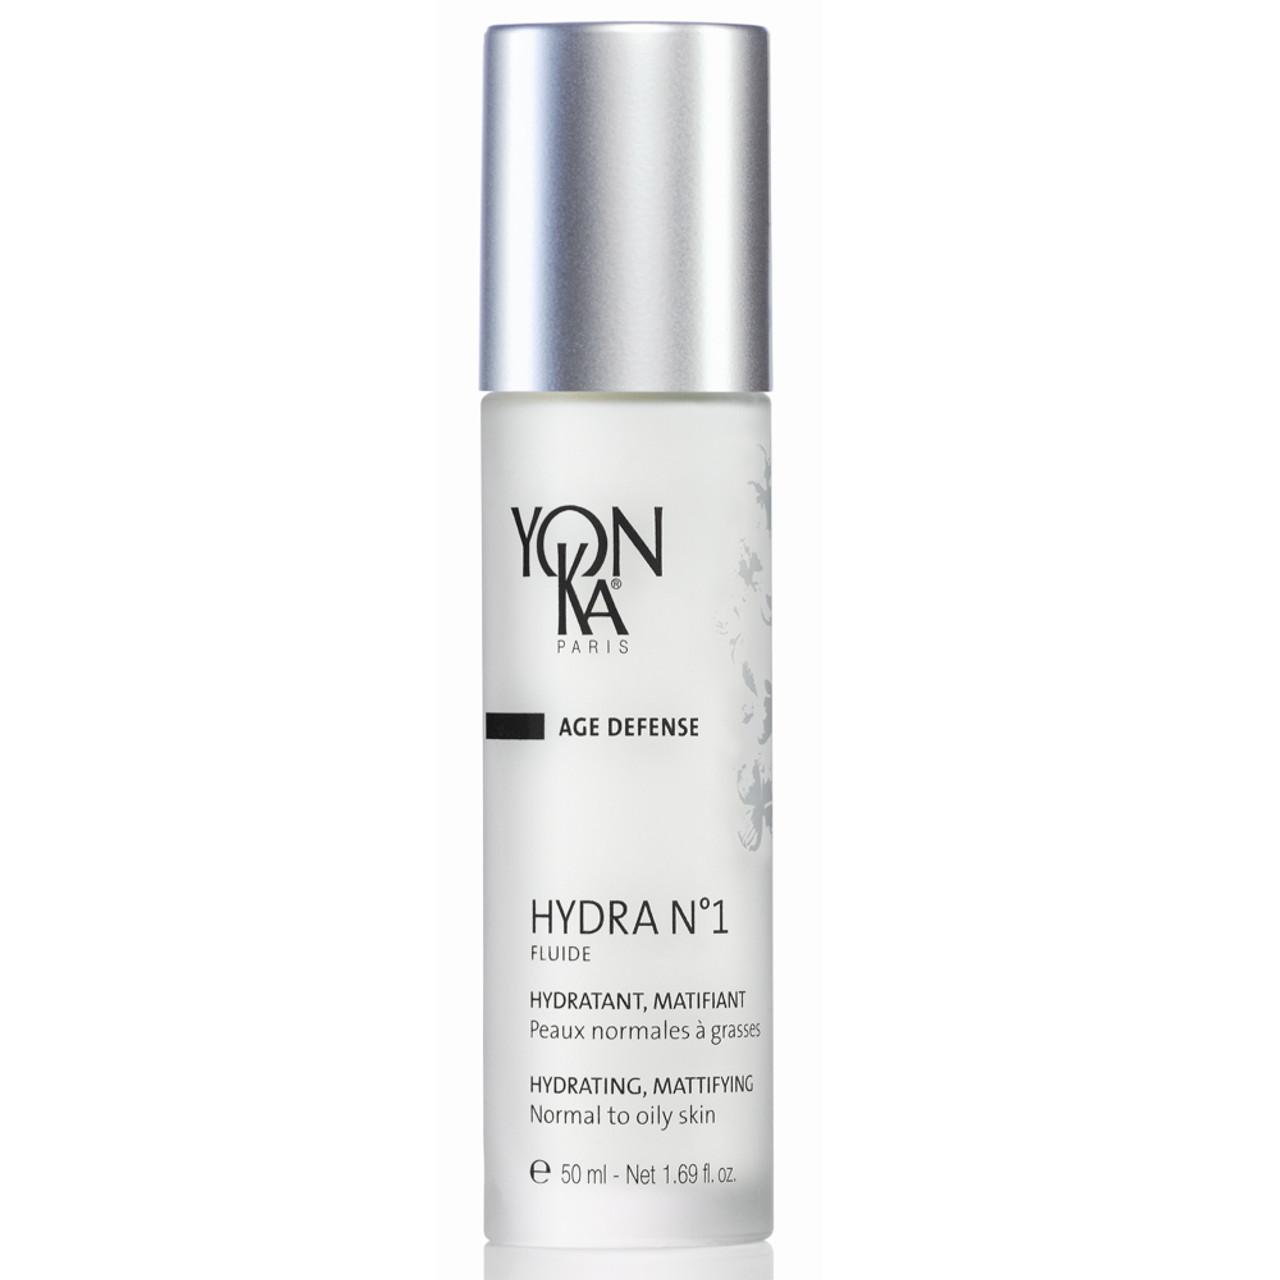 Yonka Hydra No 1 Fluid